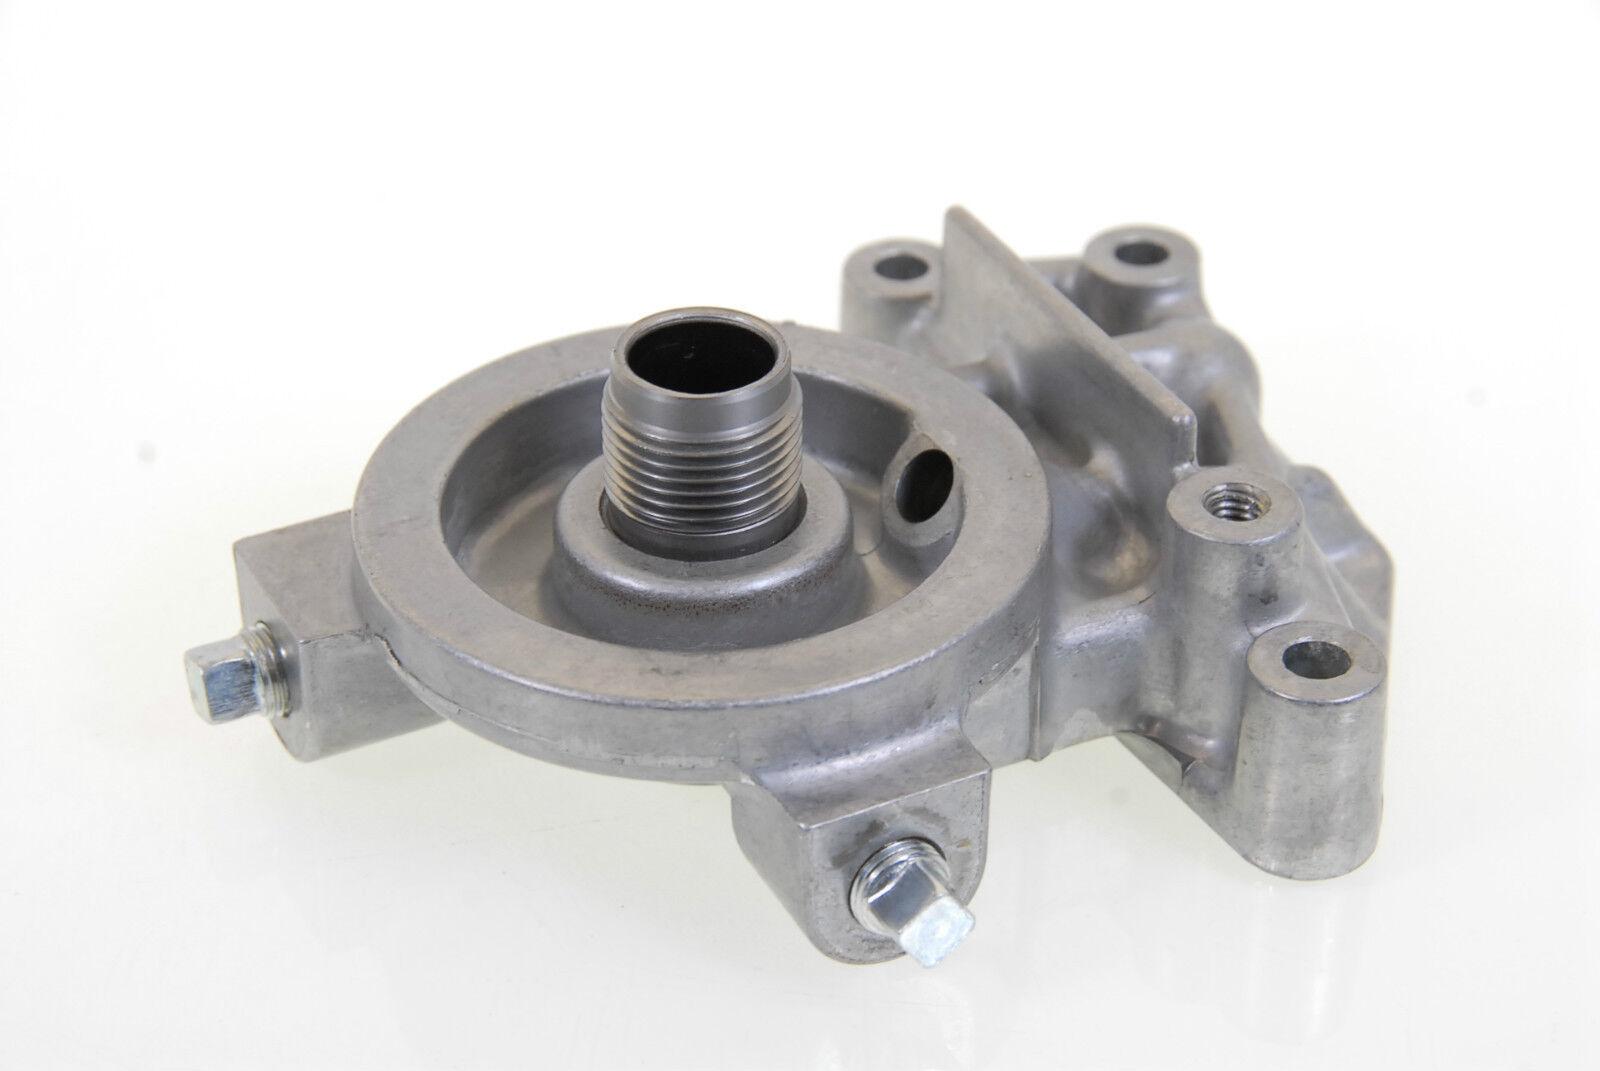 Honda filtro aceite portador 15410-zj1-800 oil base de filtro nuevo embalaje original &  44-27-121